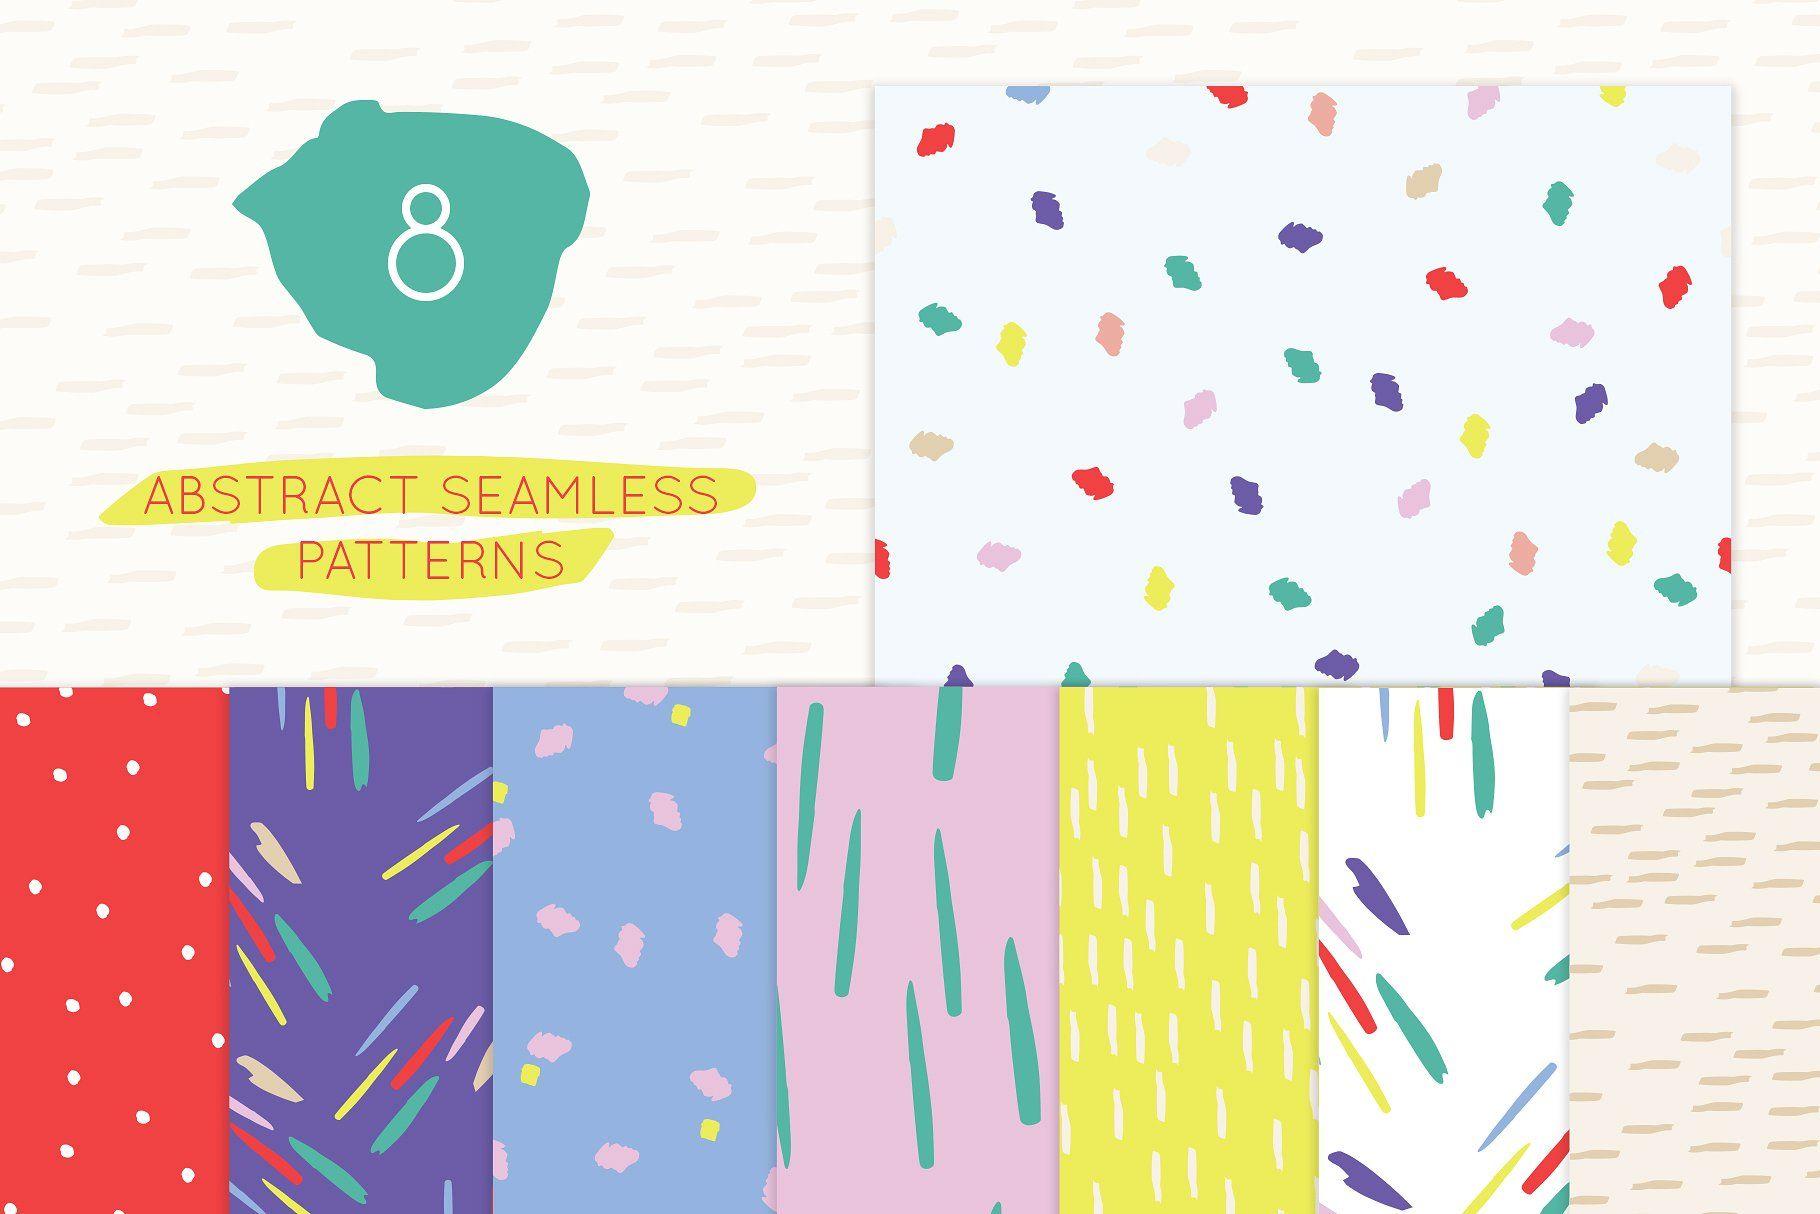 Paint Strokes and Splashes designsinstagrambackground